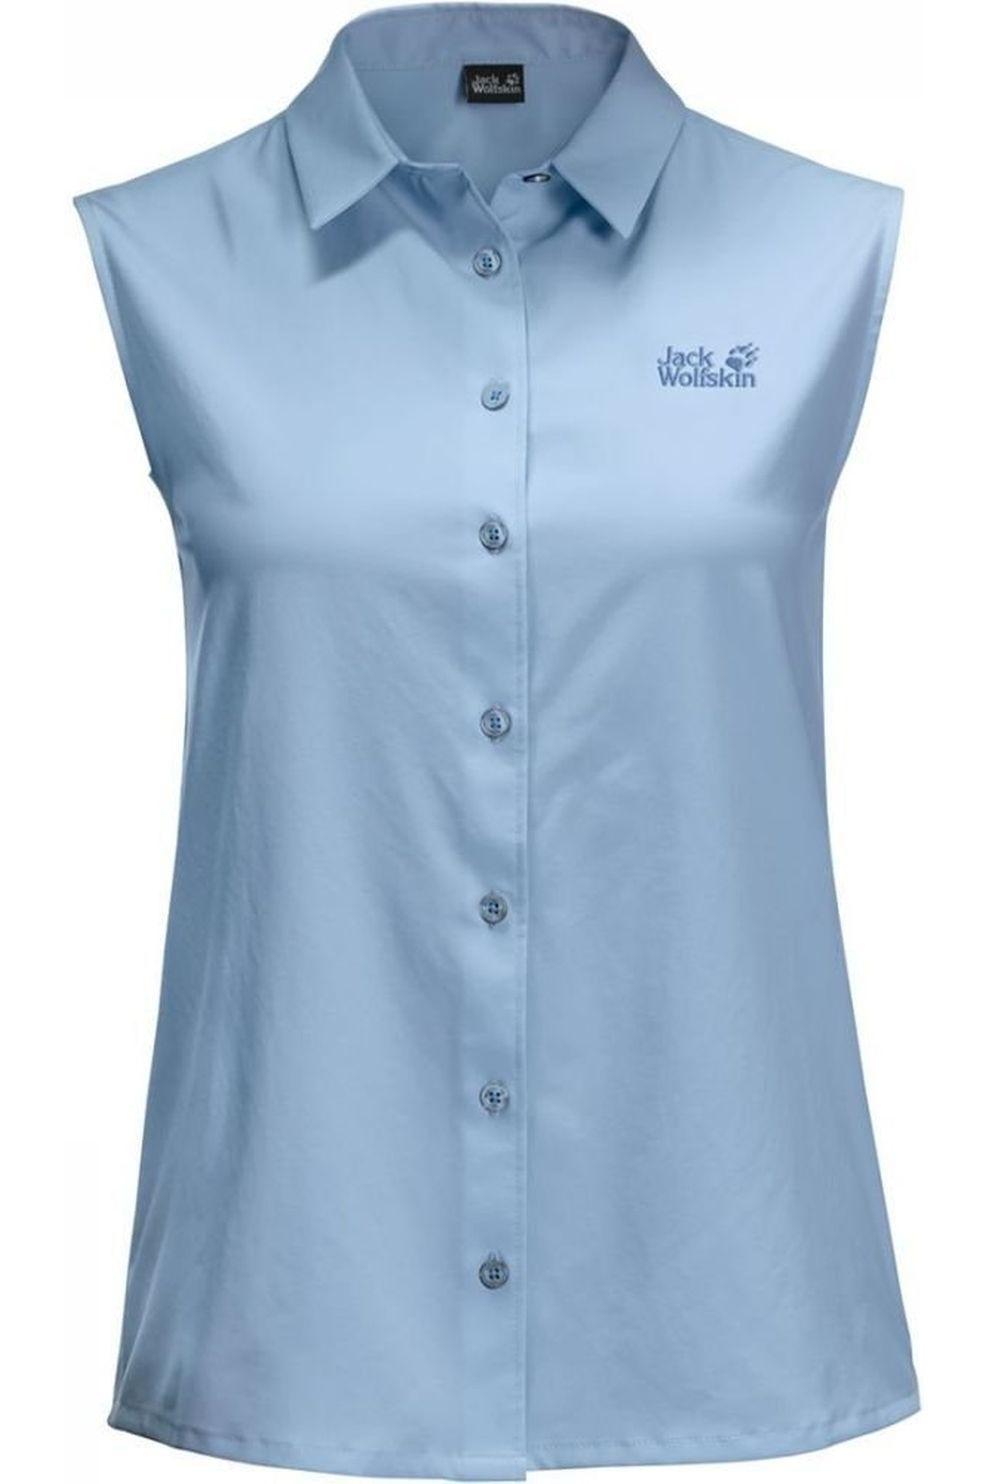 Jack Wolfskin Hemd Sonora Sleeveless voor dames Blauw Maten: XS, S, M, L, XL, XXL